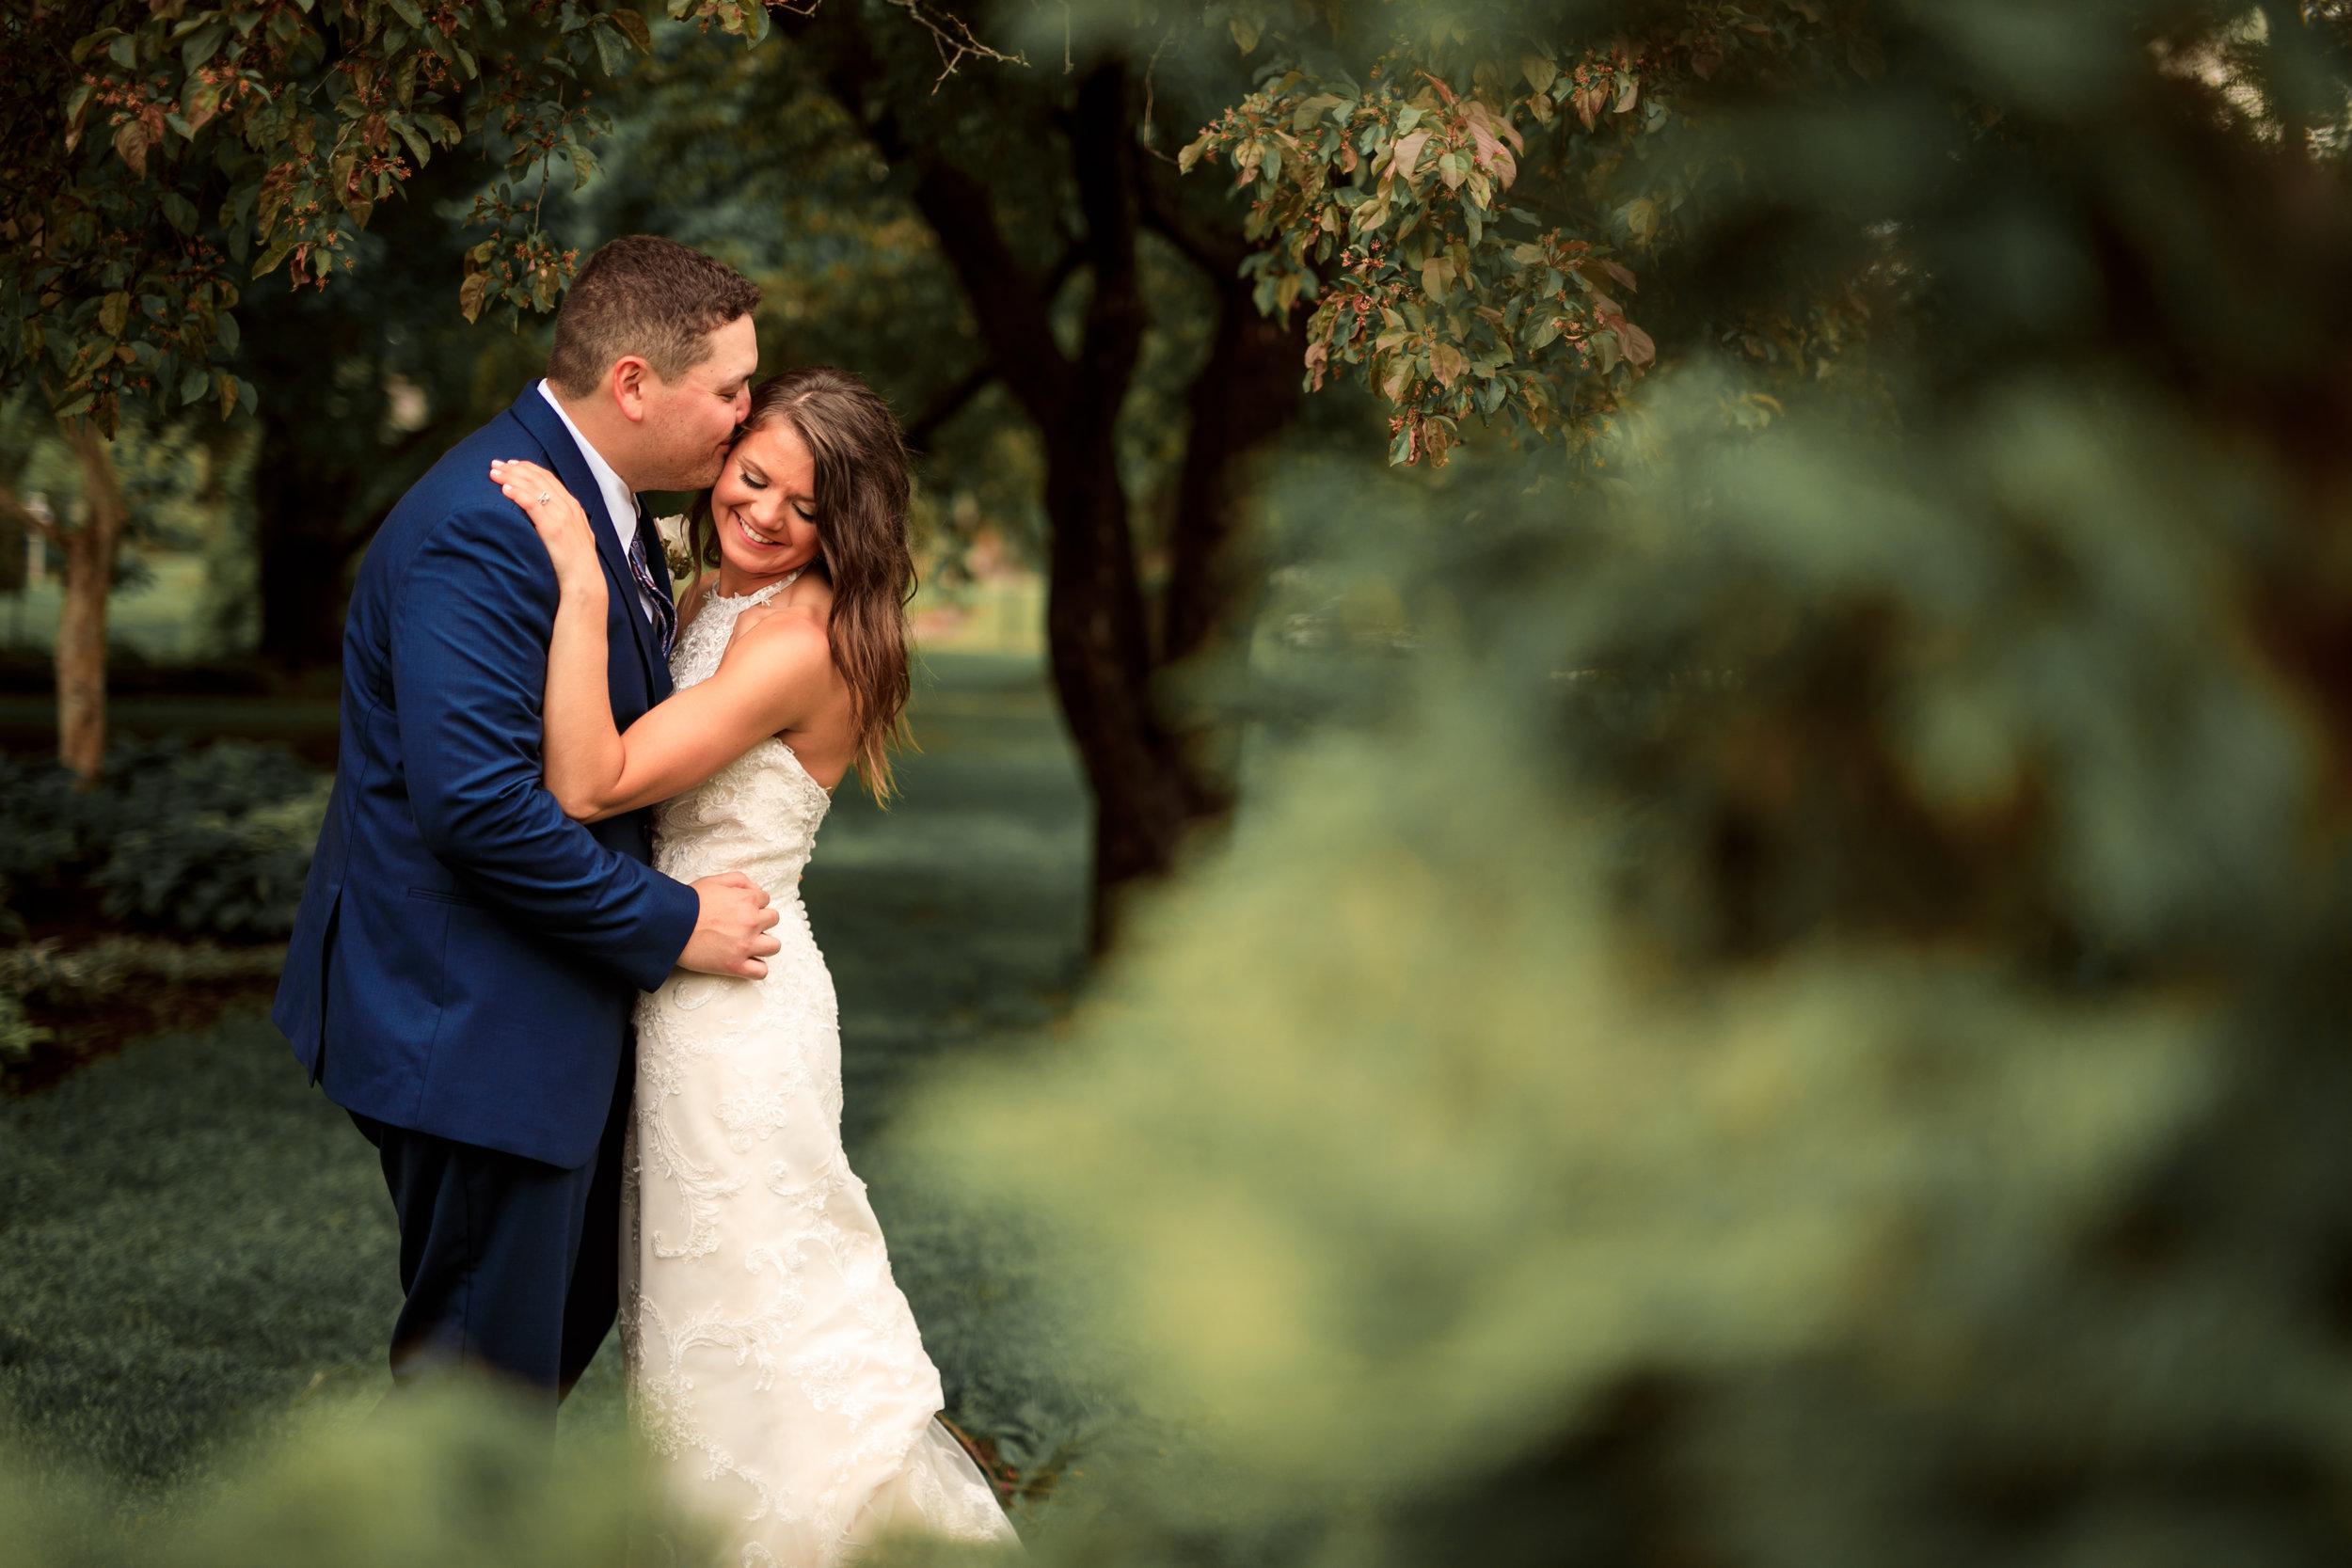 Vanderveer-davenport-iowa-wedding.jpg